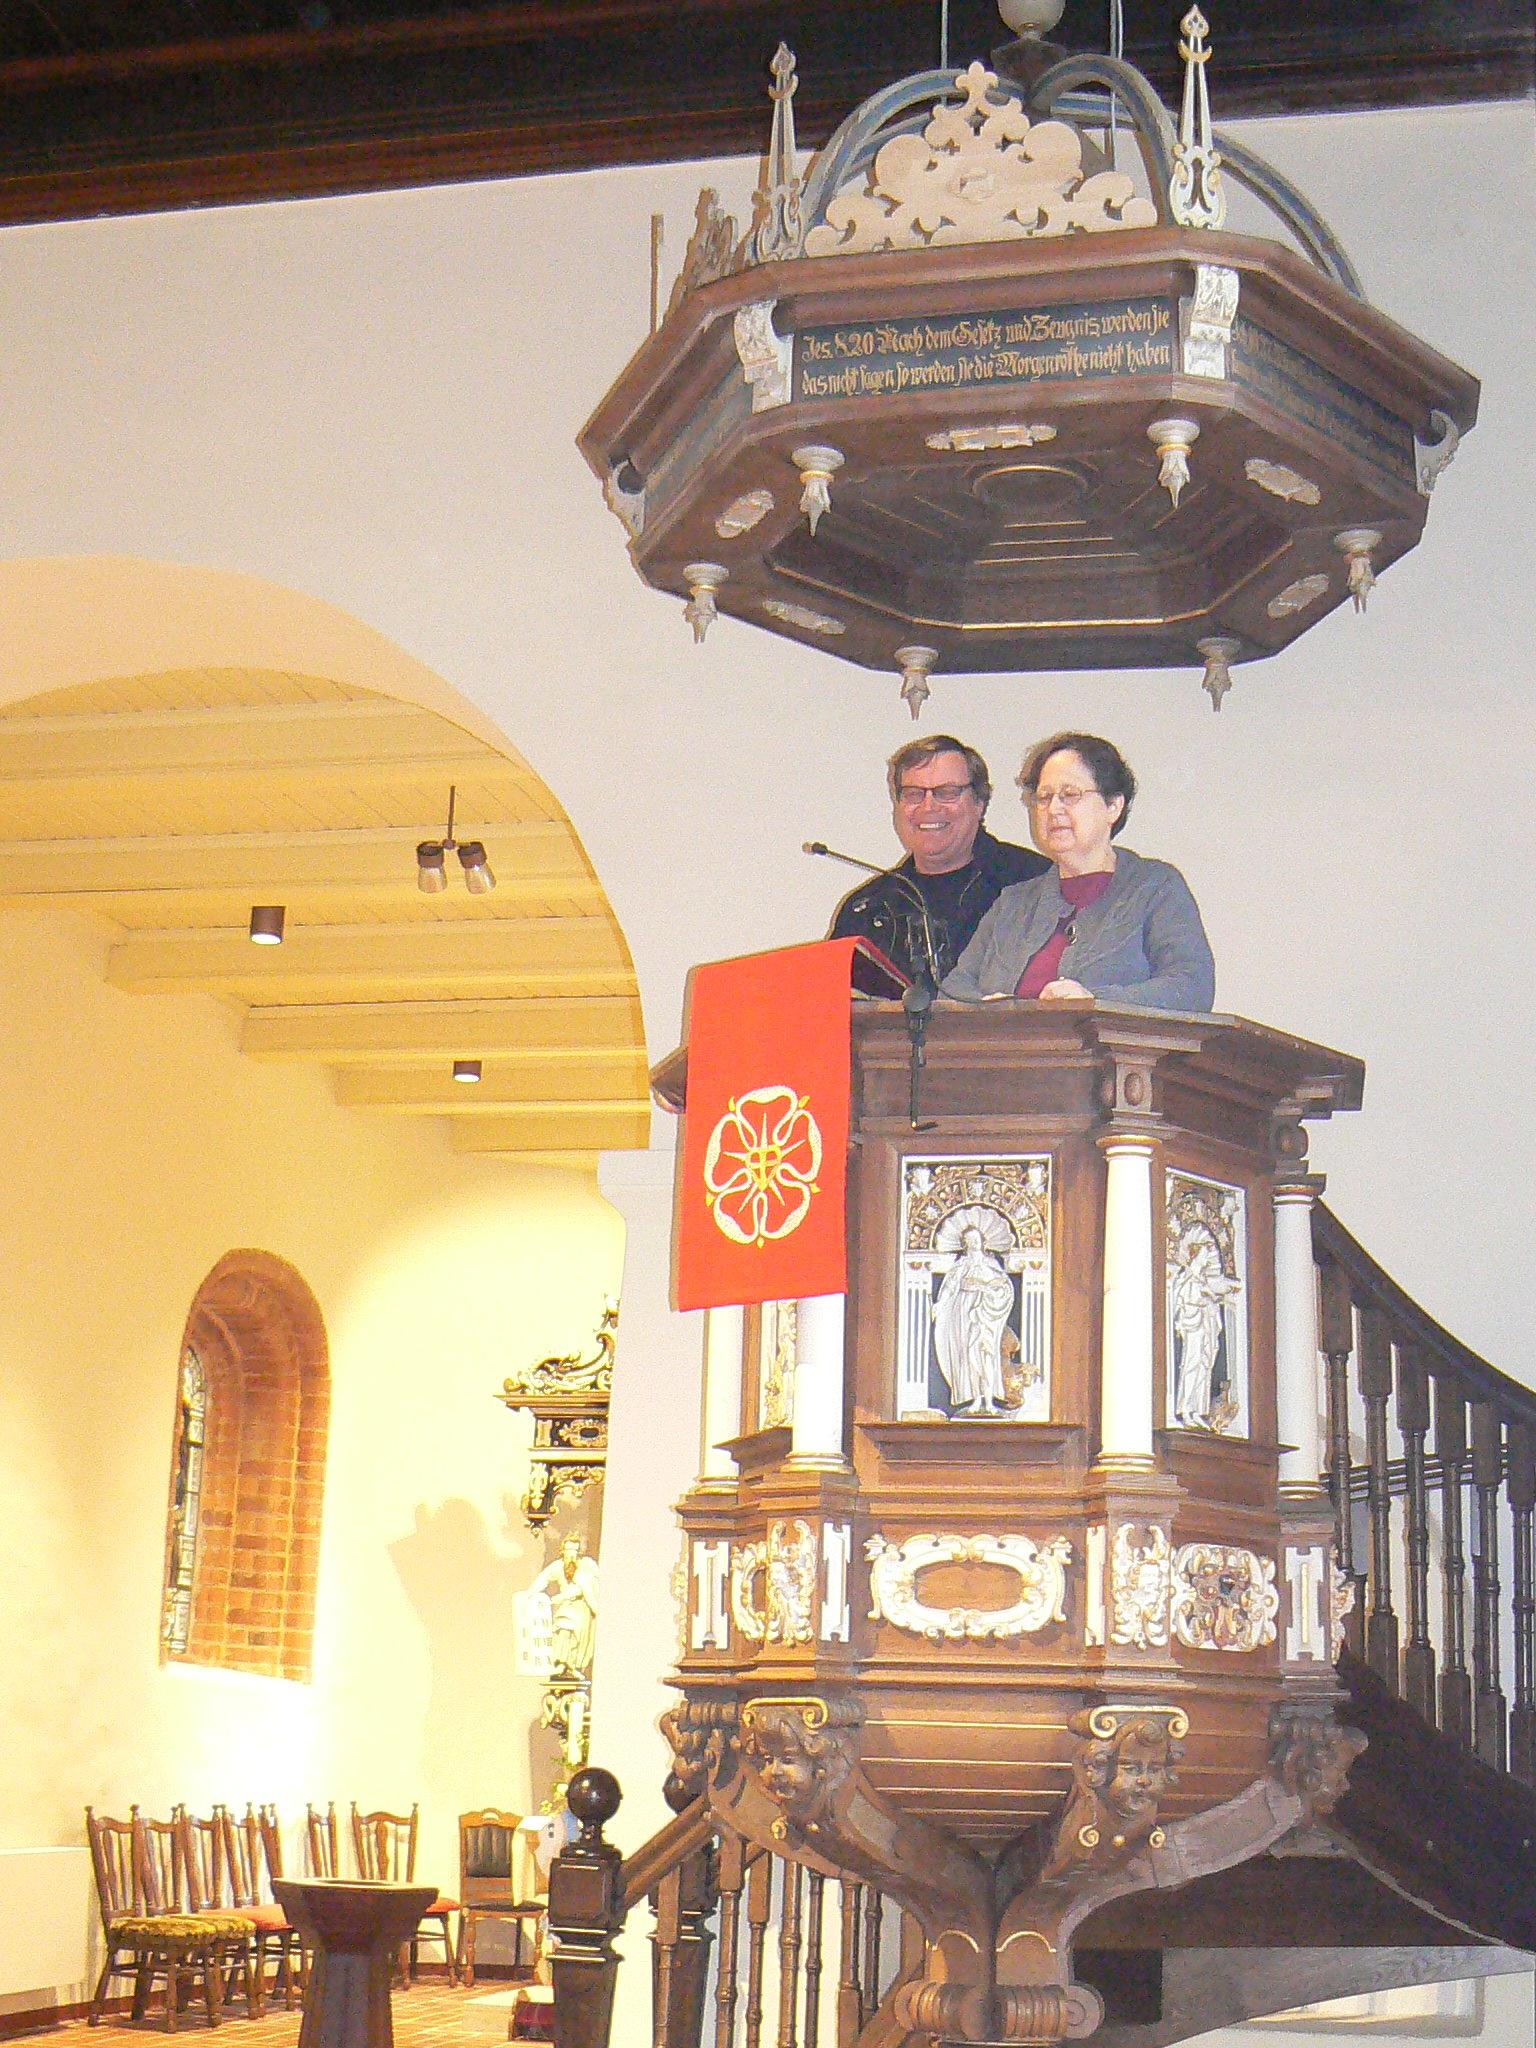 Pastorin Susanne Franz und Pastor Burkhard Ziemens auf der Kanzel, die versetzt wurde und sich jetzt auf der rechten Seite vor dem Altarraum befindet und nicht mehr dem Blick auf den Altar verdeckt.